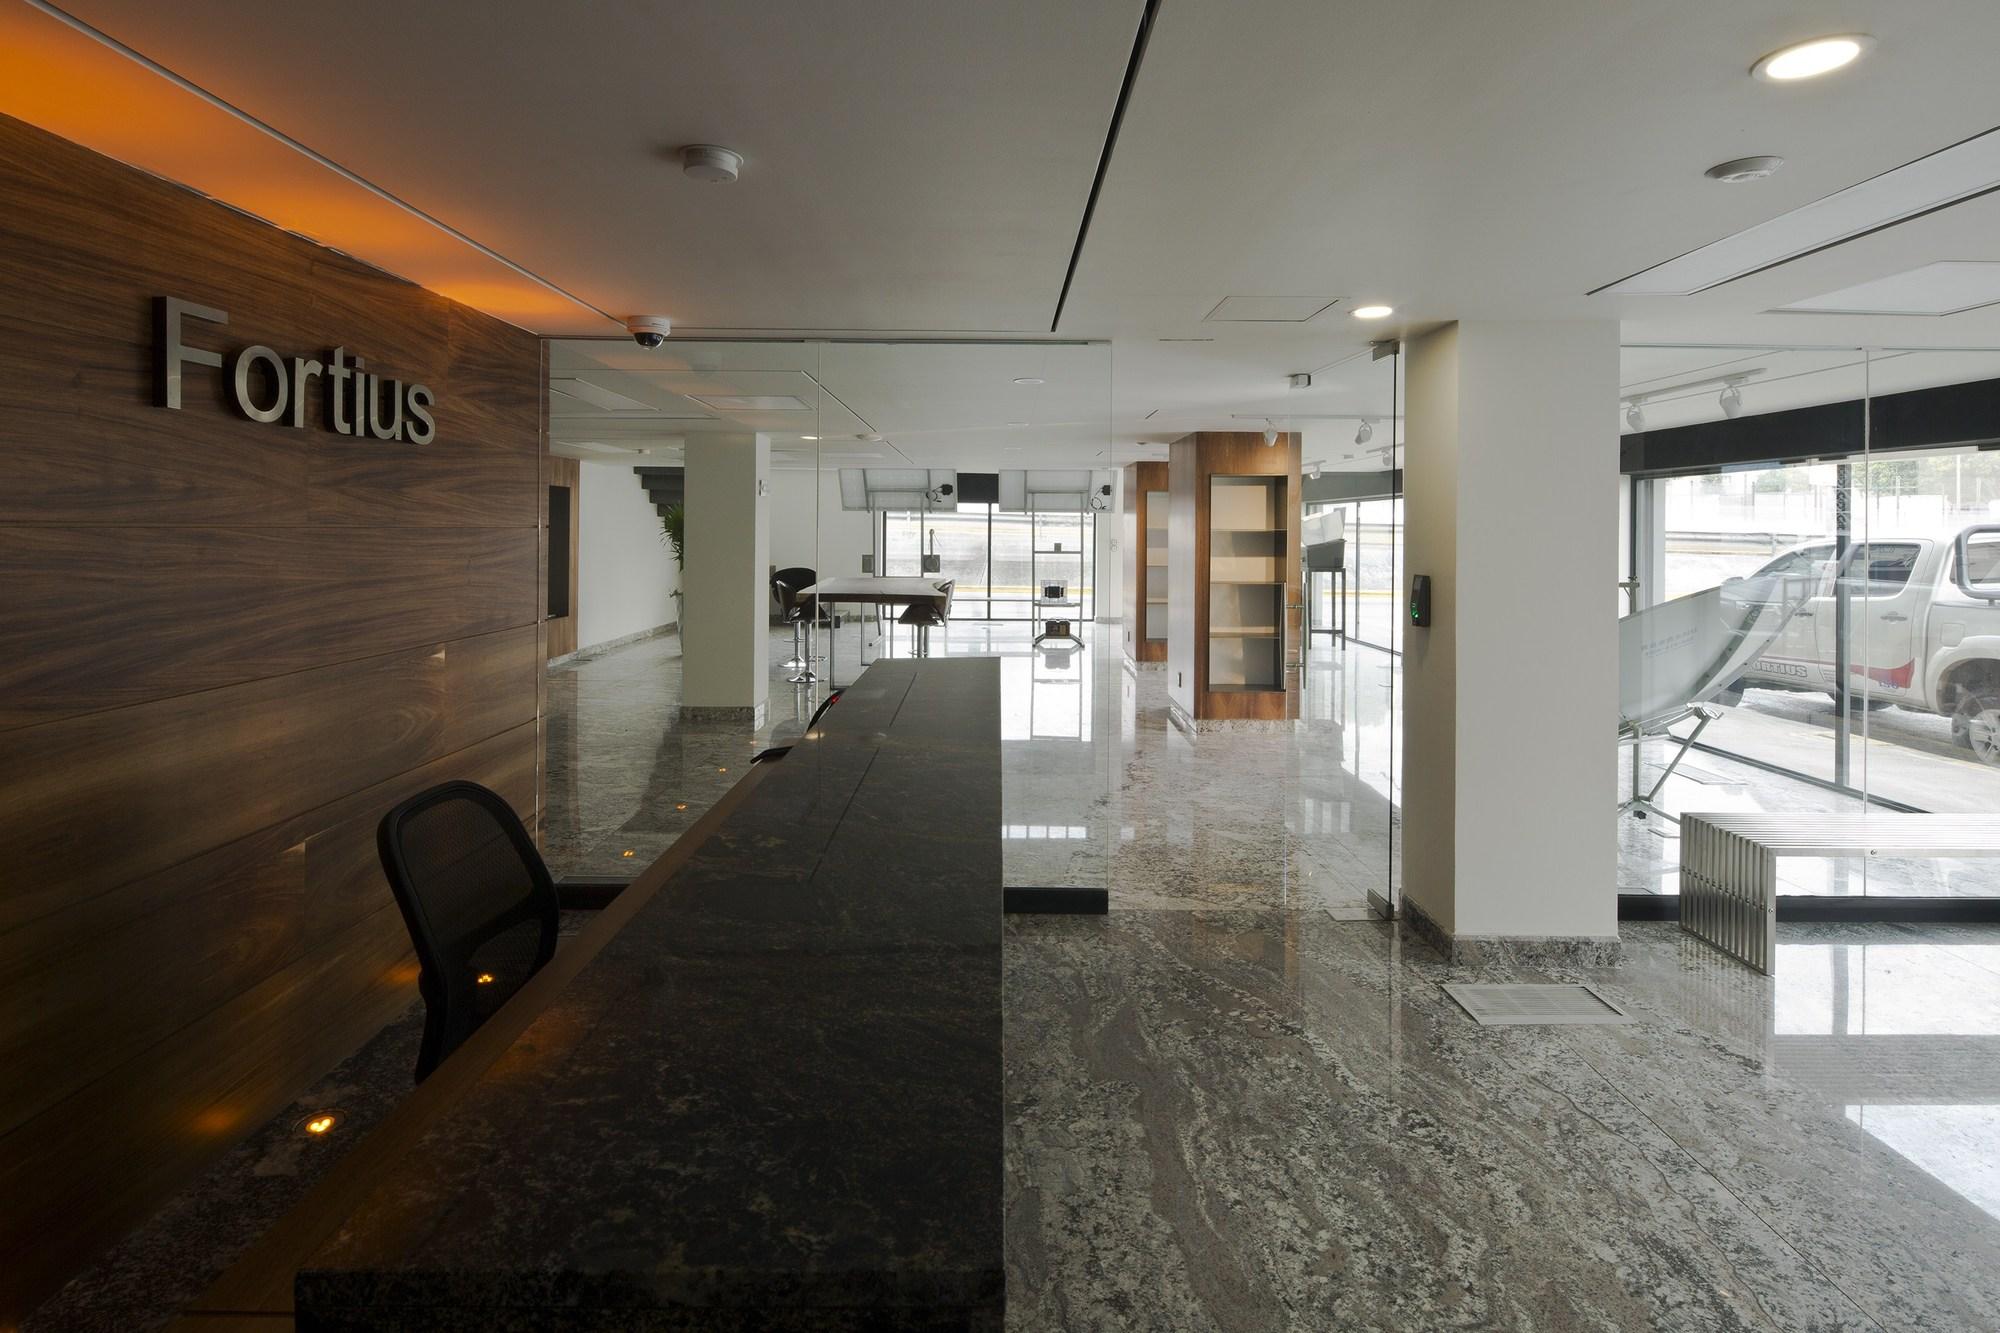 Galer a de remodelaci n edificio de oficinas fortius for Remodelacion oficinas